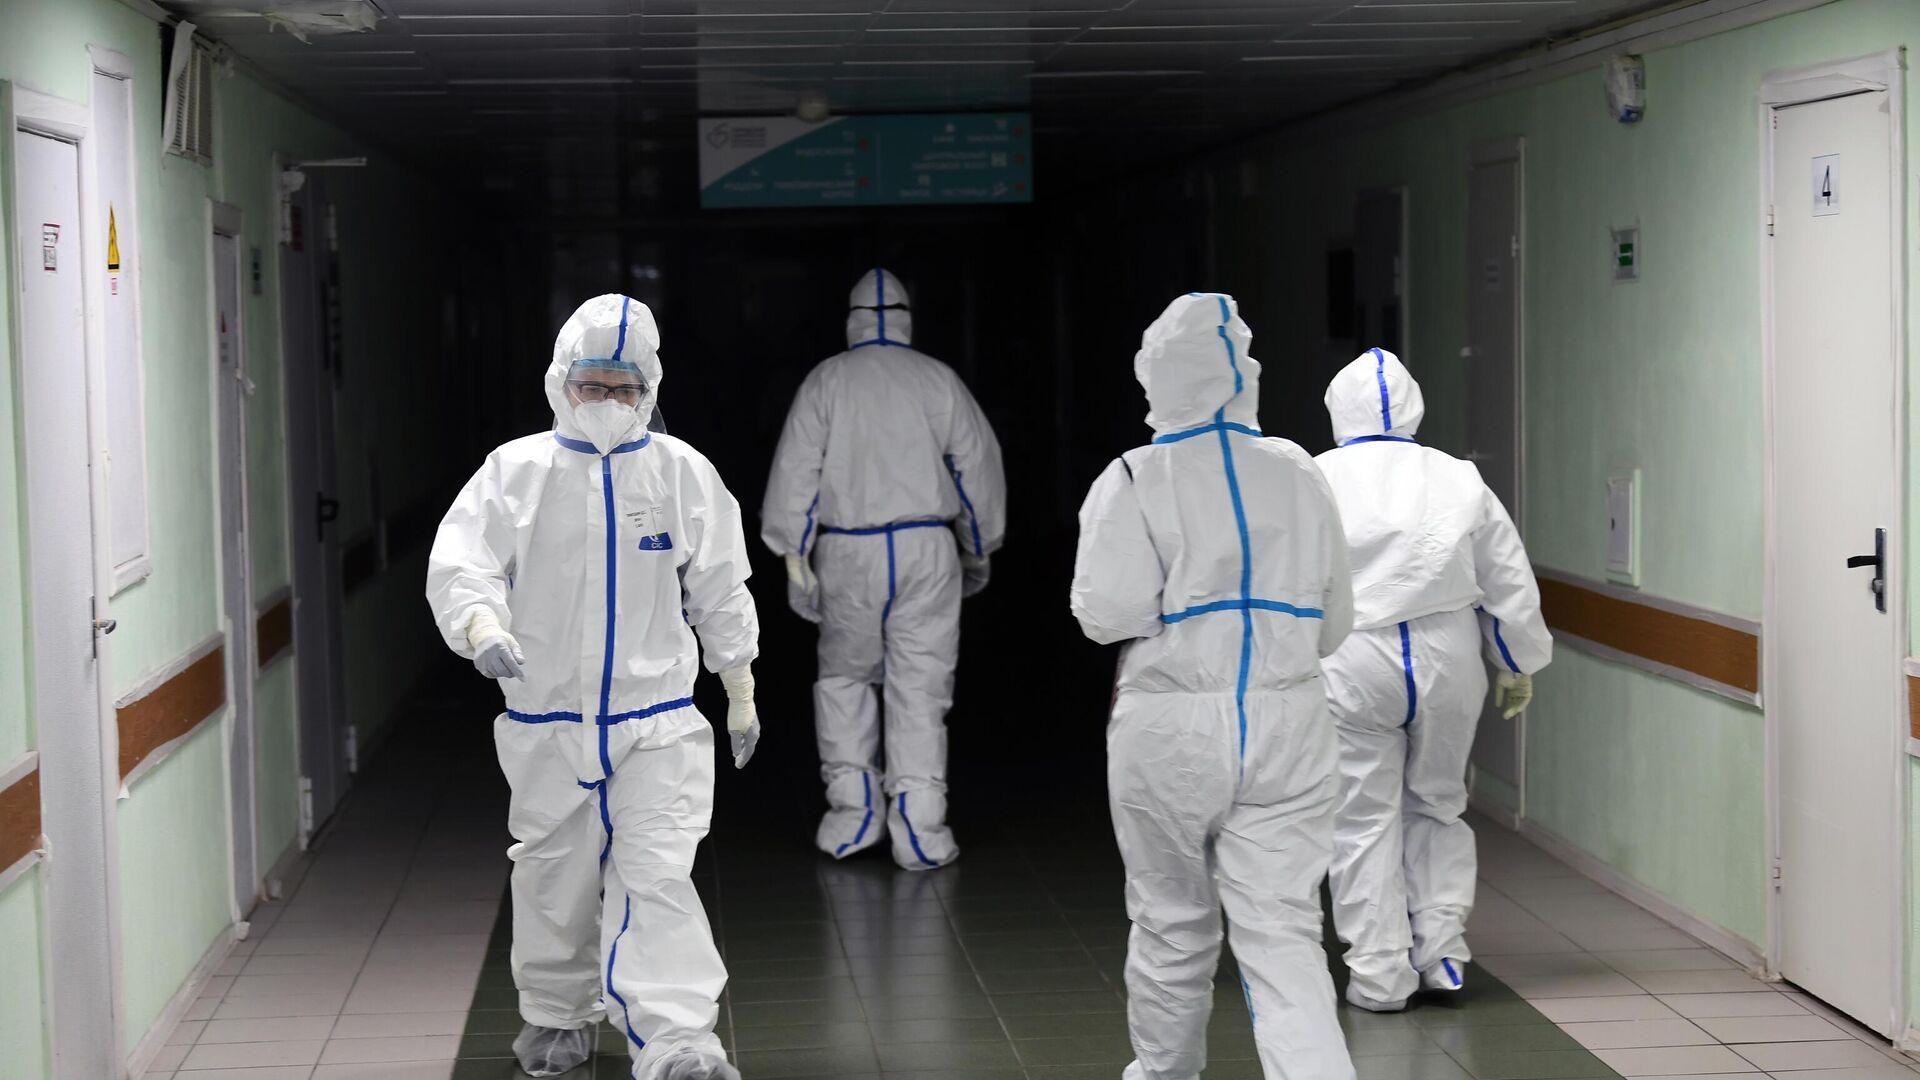 Иммунолог рассказал, сколько времени заразен больной COVID-19 - РИА  Новости, 31.10.2020